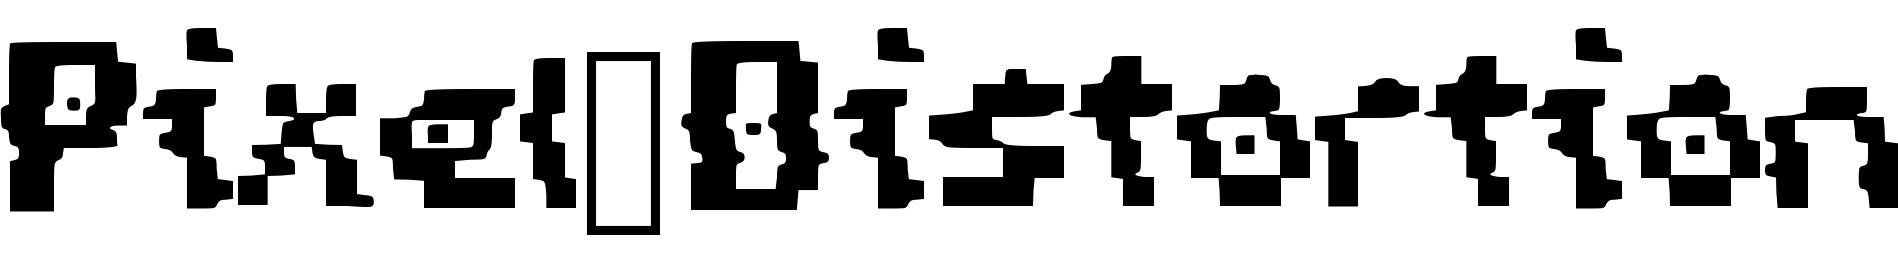 Pixel_Distortion